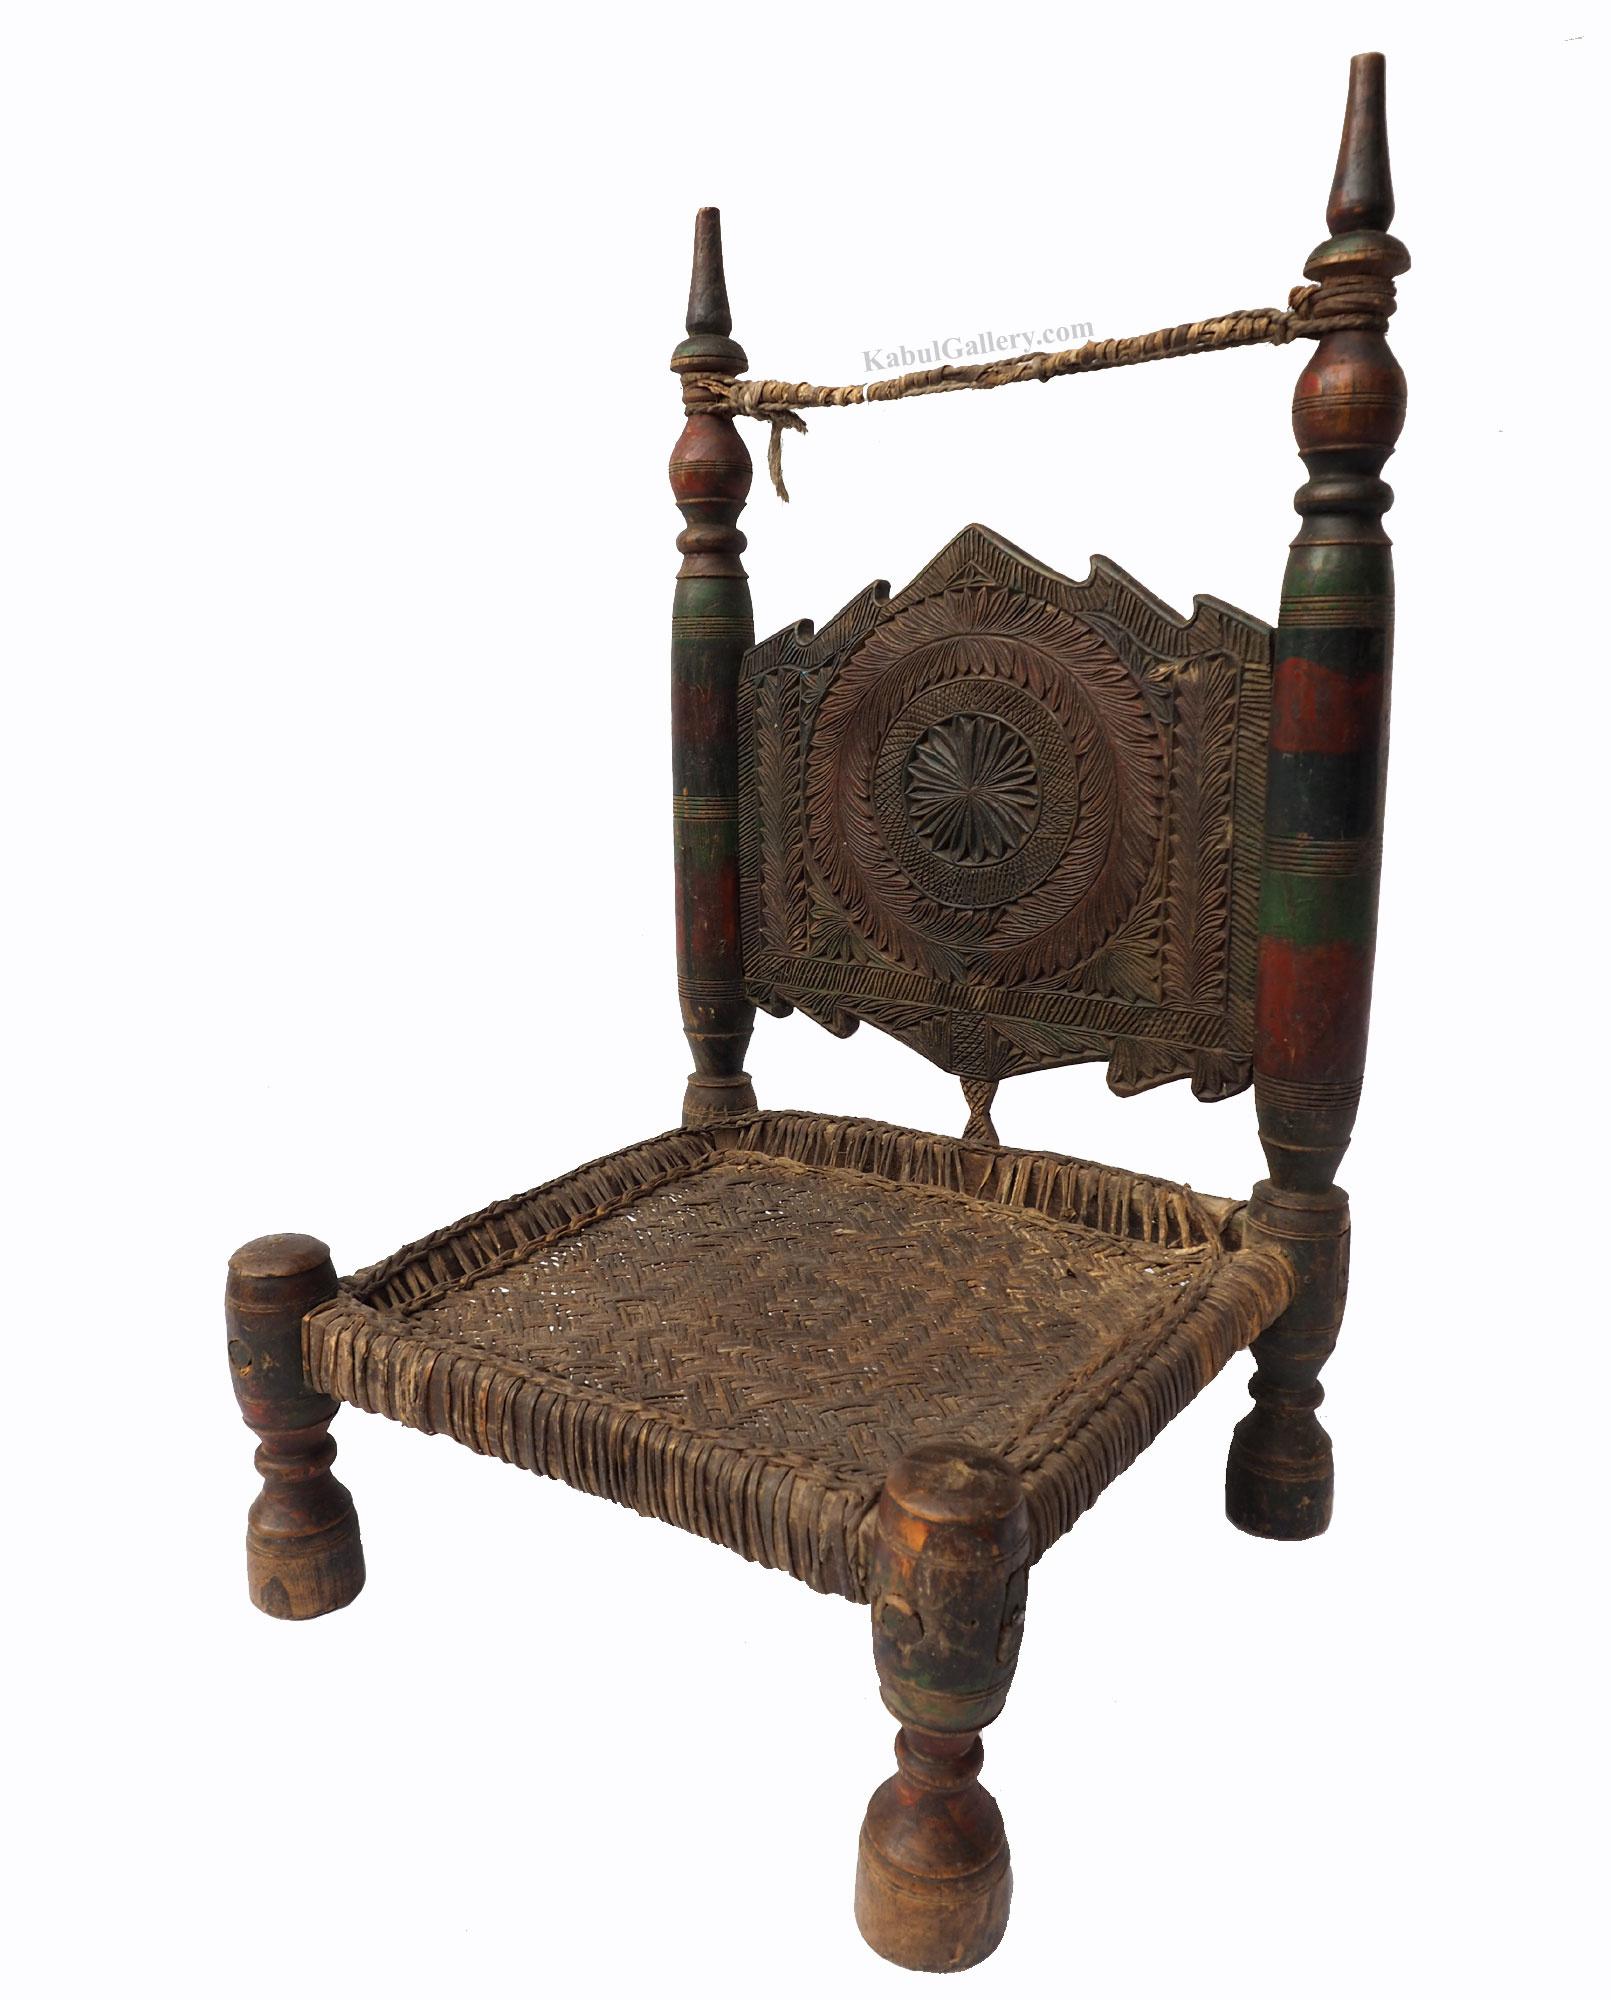 Antique Nuristan Chair Stuhl No: D